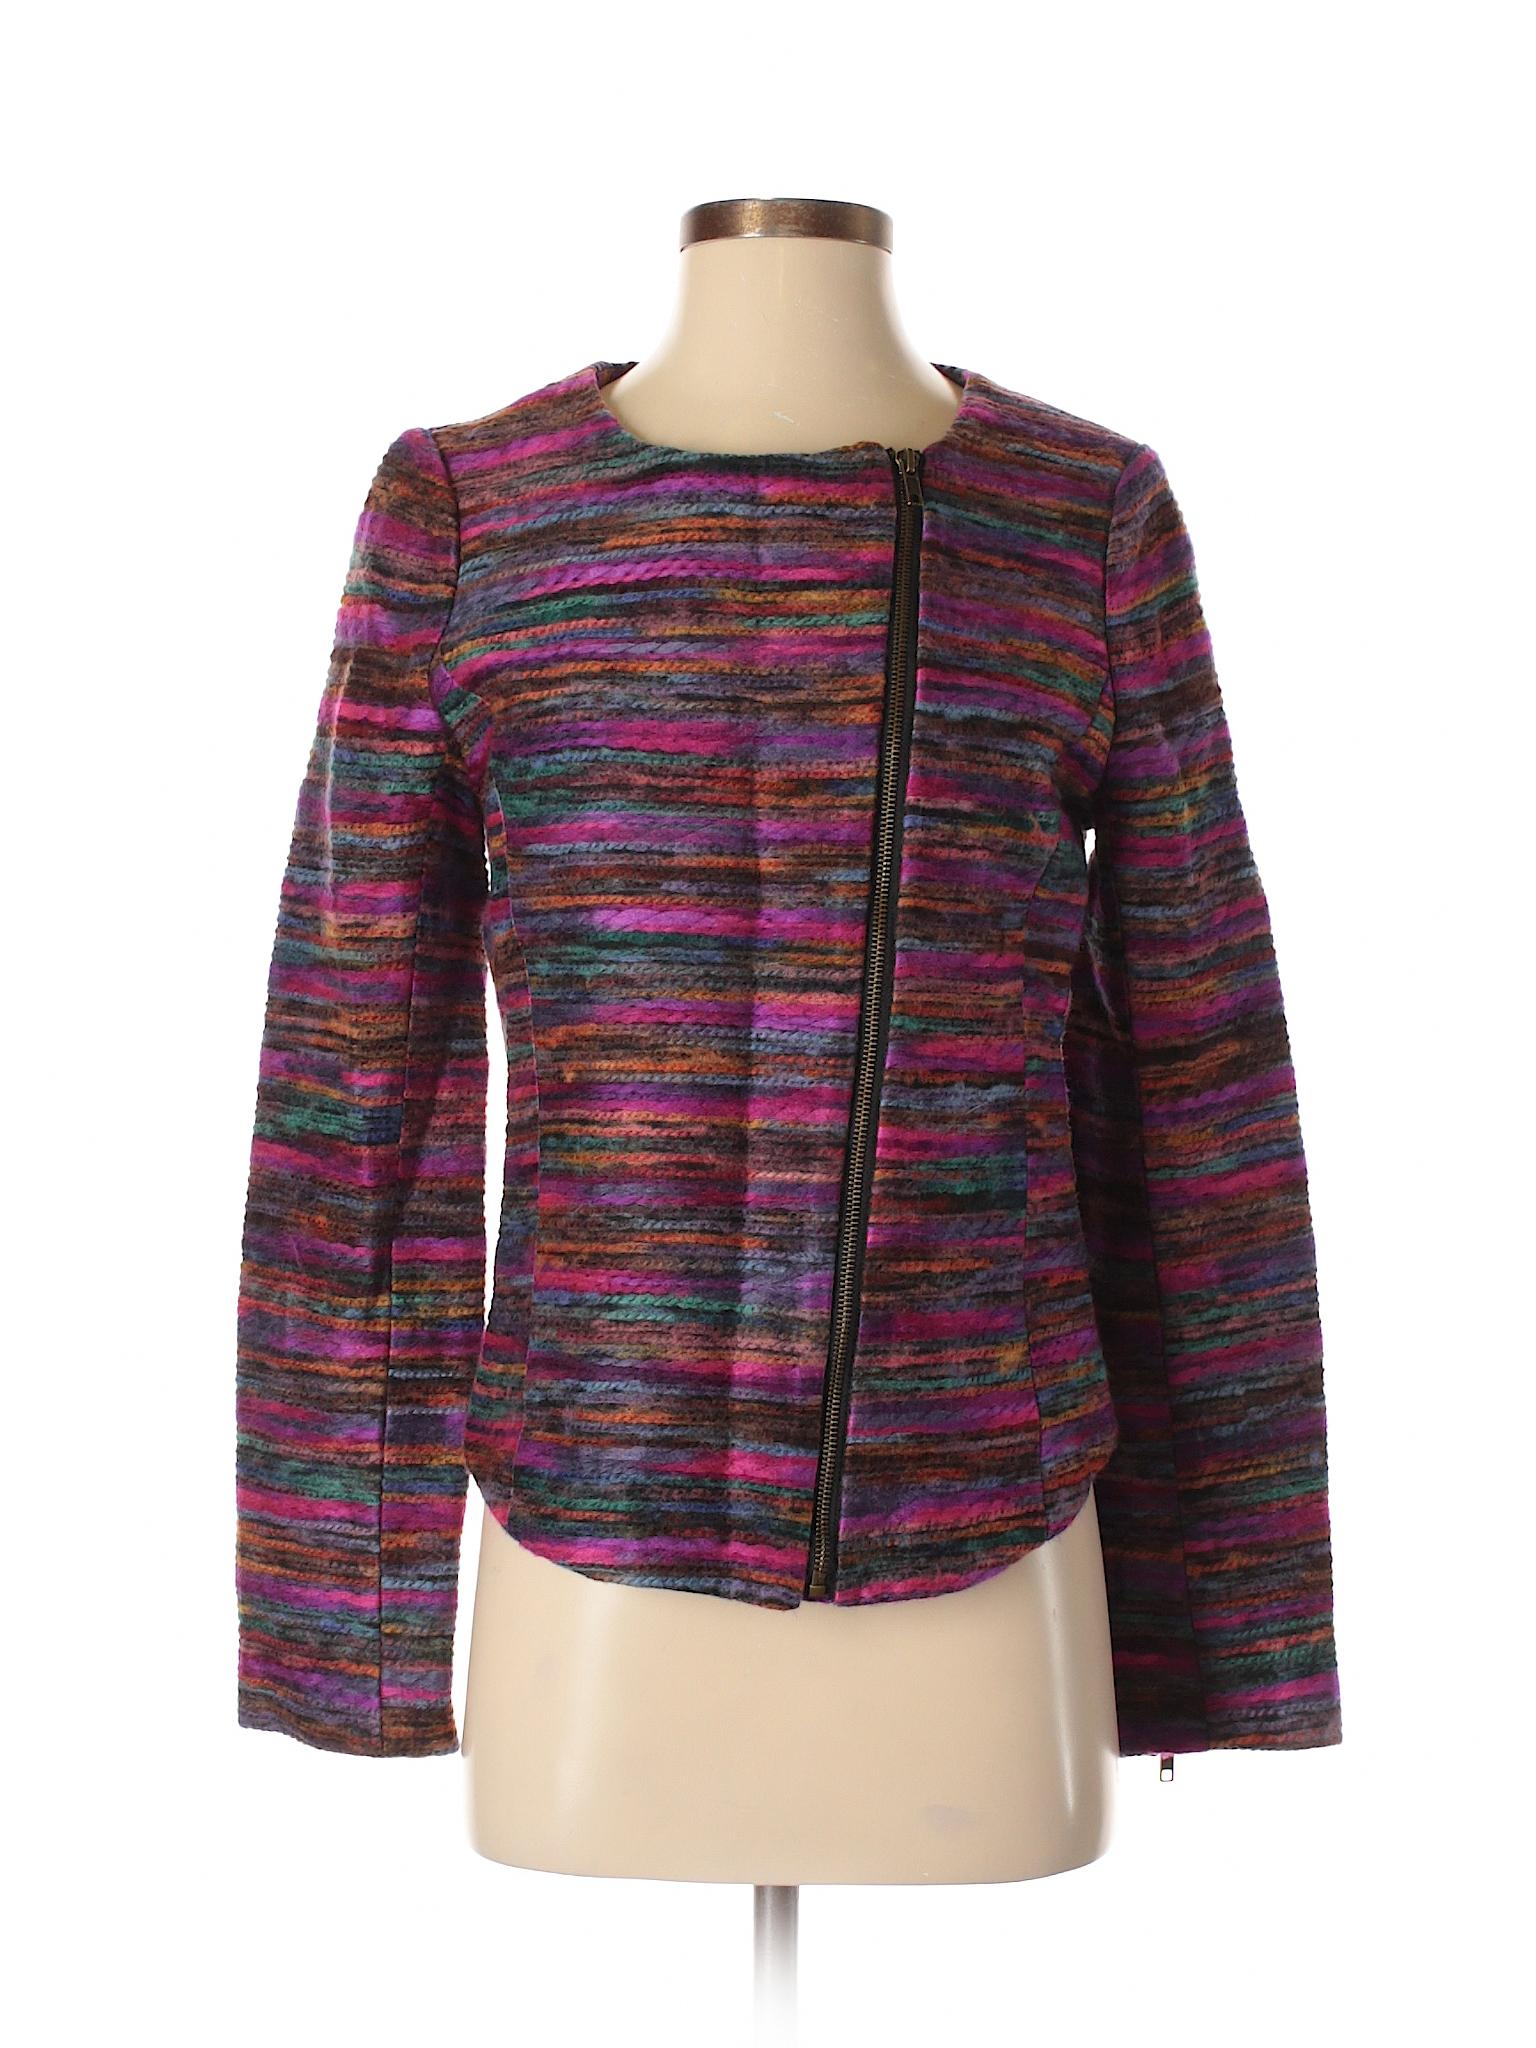 Sabine Sabine Boutique Boutique leisure leisure Jacket Boutique Jacket qOYExx6